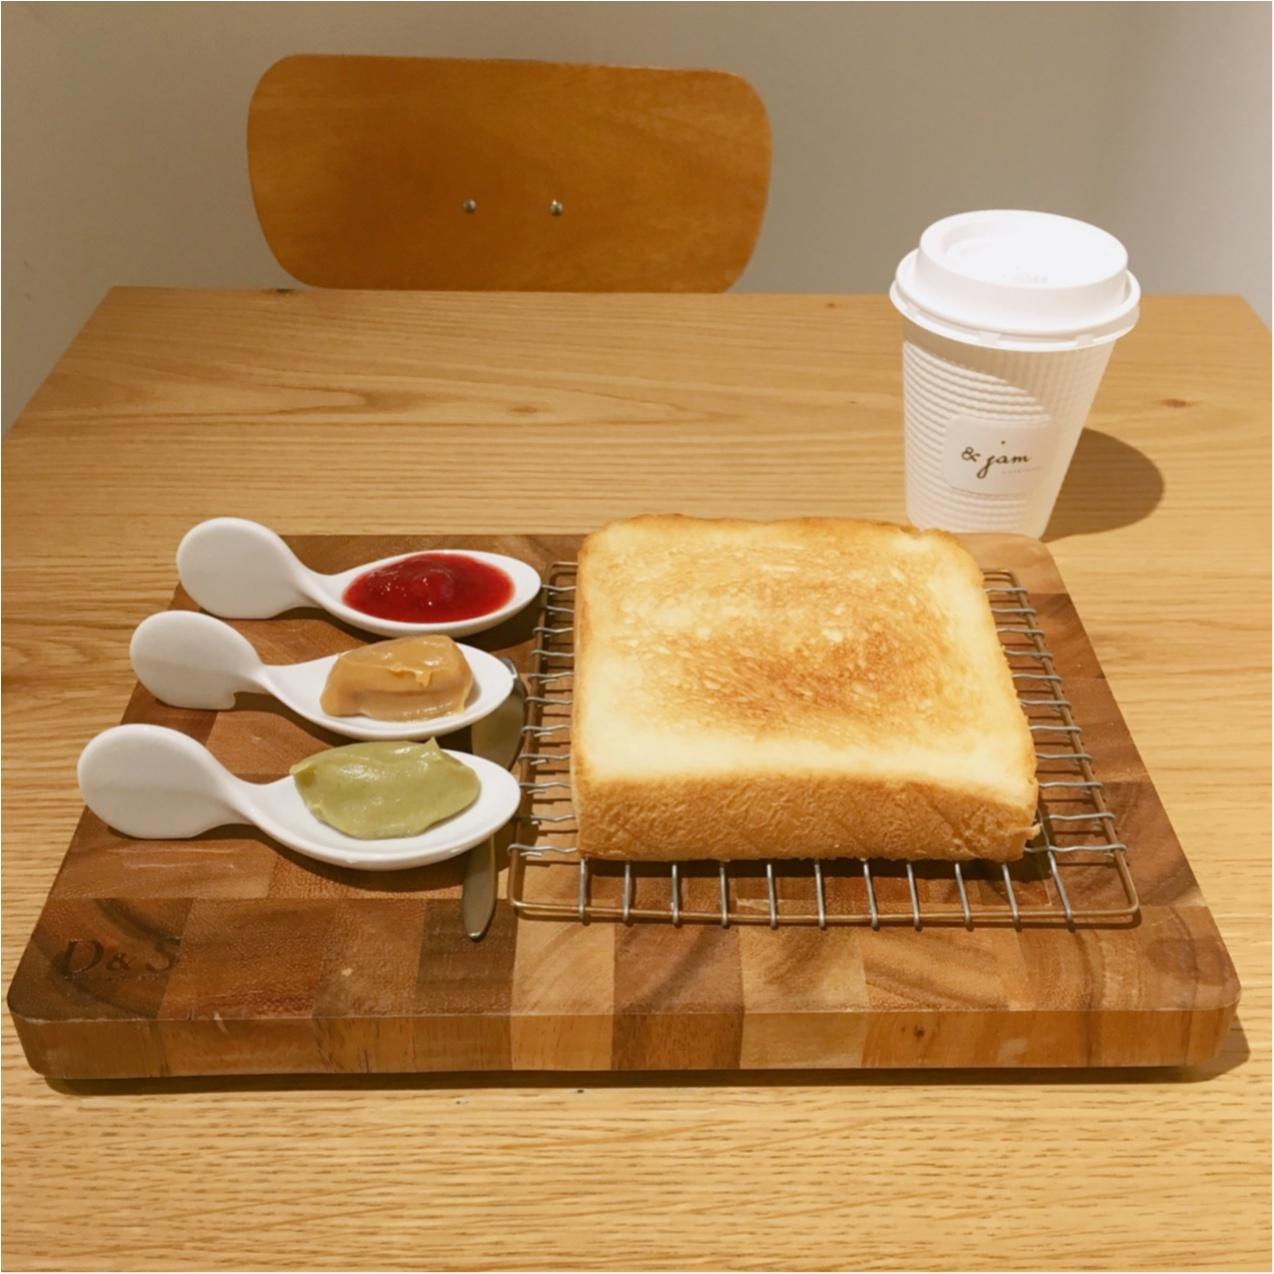 「まるで宝石のよう」16種類のジャムが絶品♡高級食パンとジャムが楽しめるカフェ《& jam(アンドジャム)》に行ってきました♡♡_4